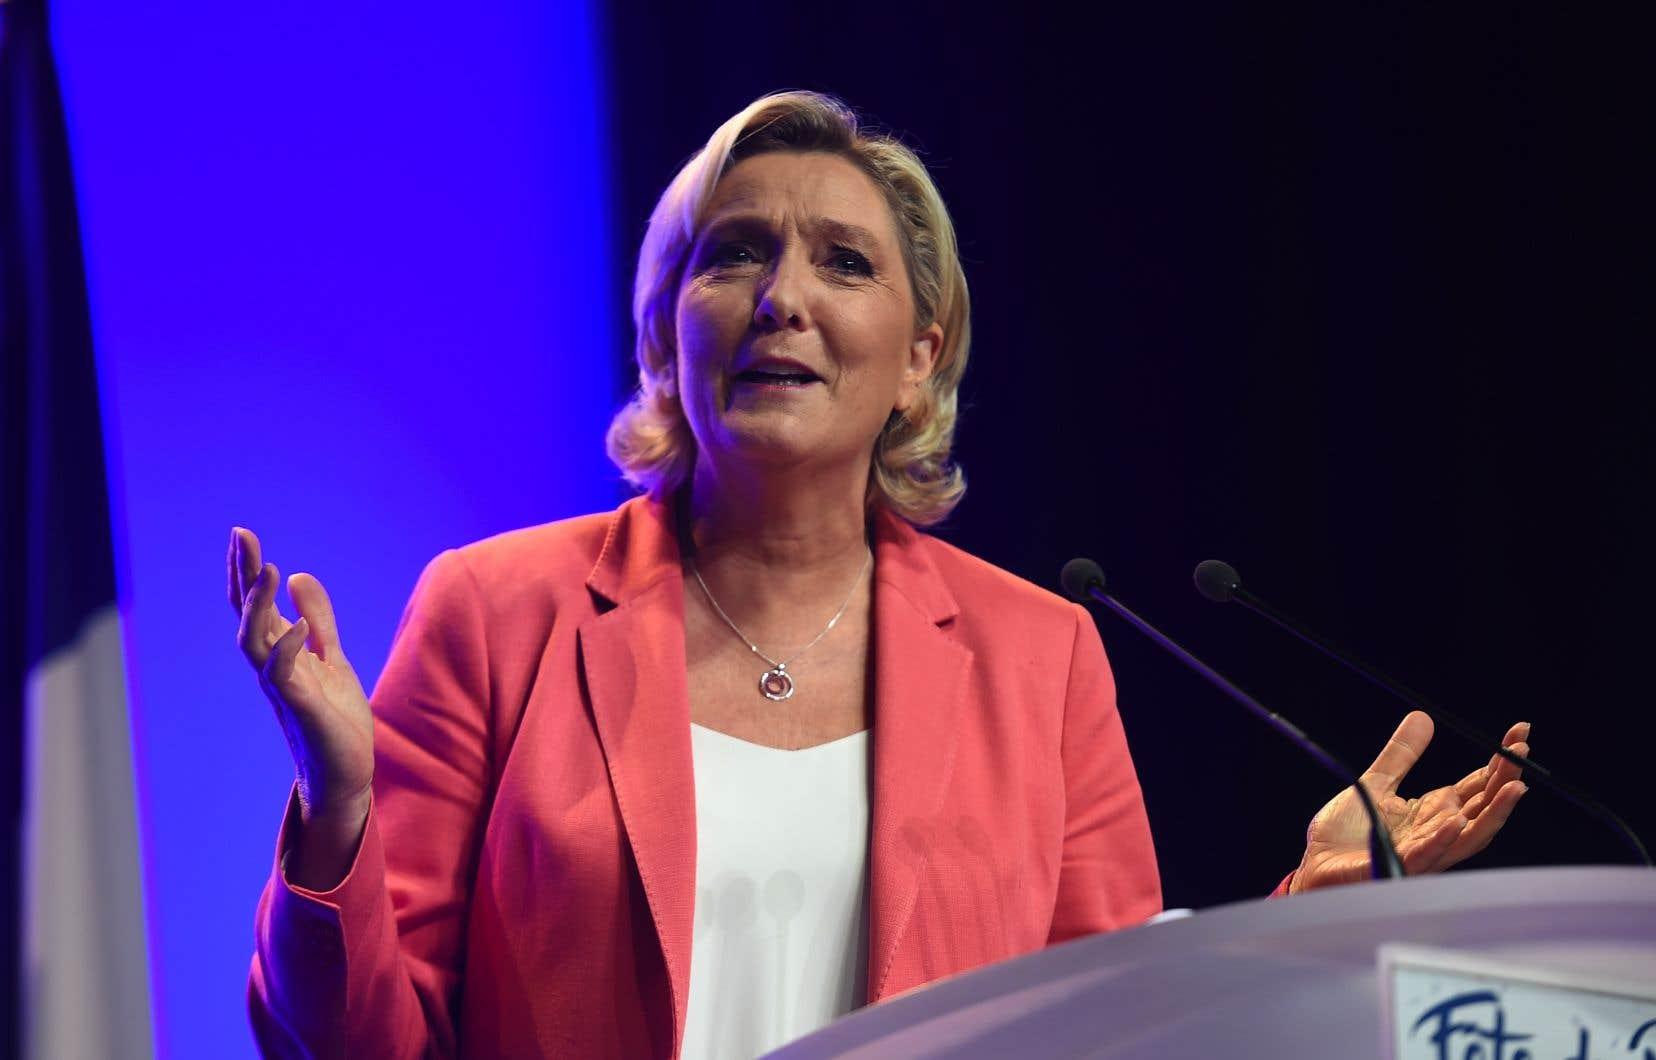 La chef de l'extrême droite française, Marine Le Pen